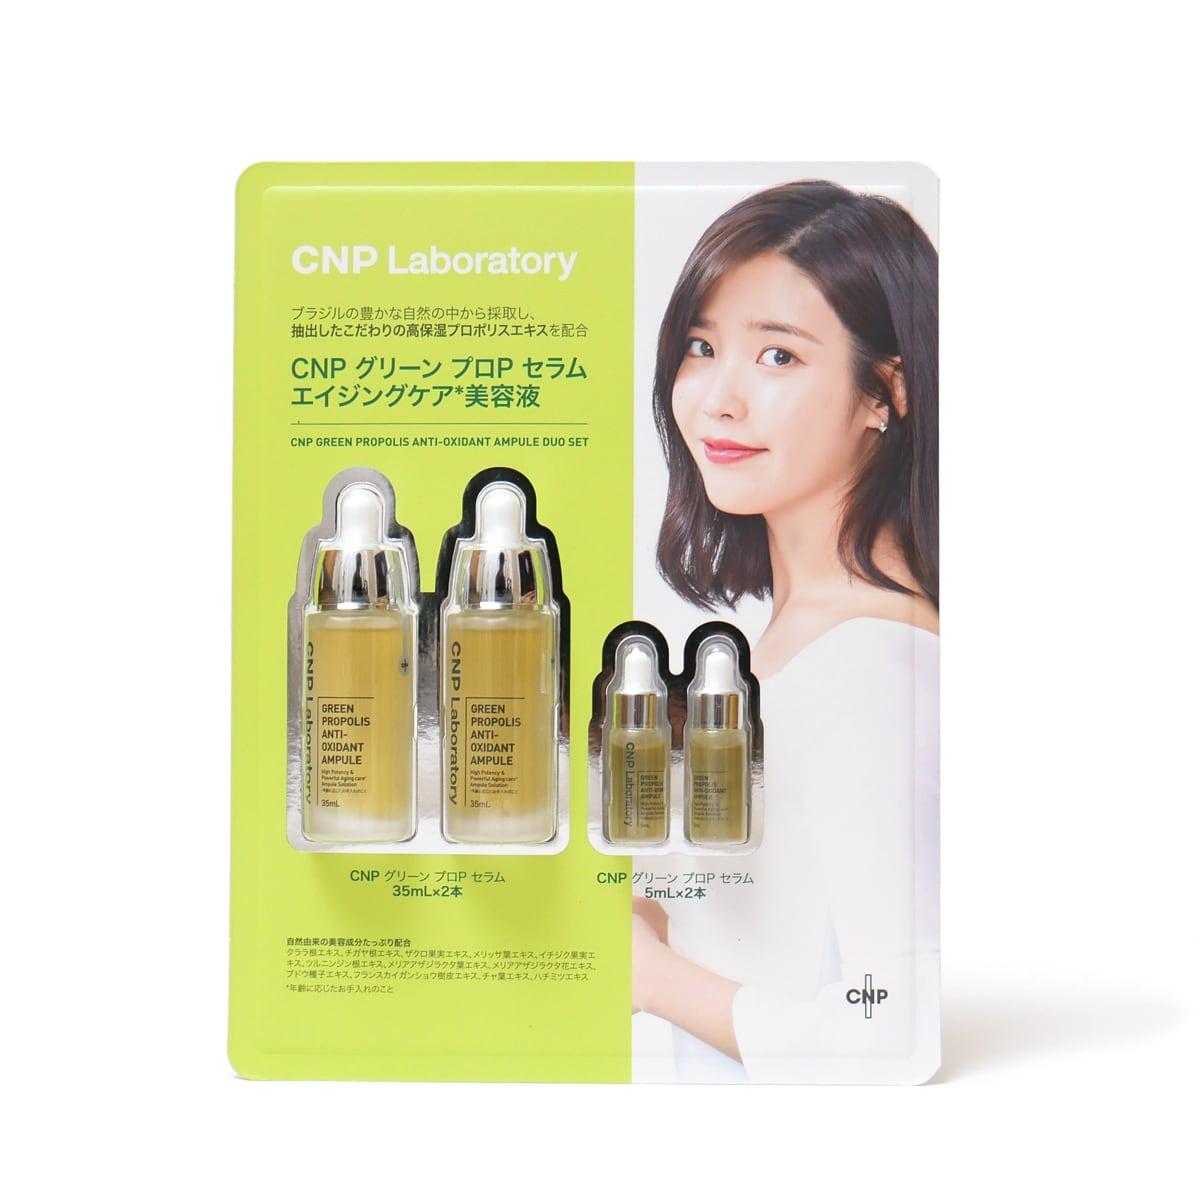 CNP グリーンプロポリスセラムデュオセット(美容液)